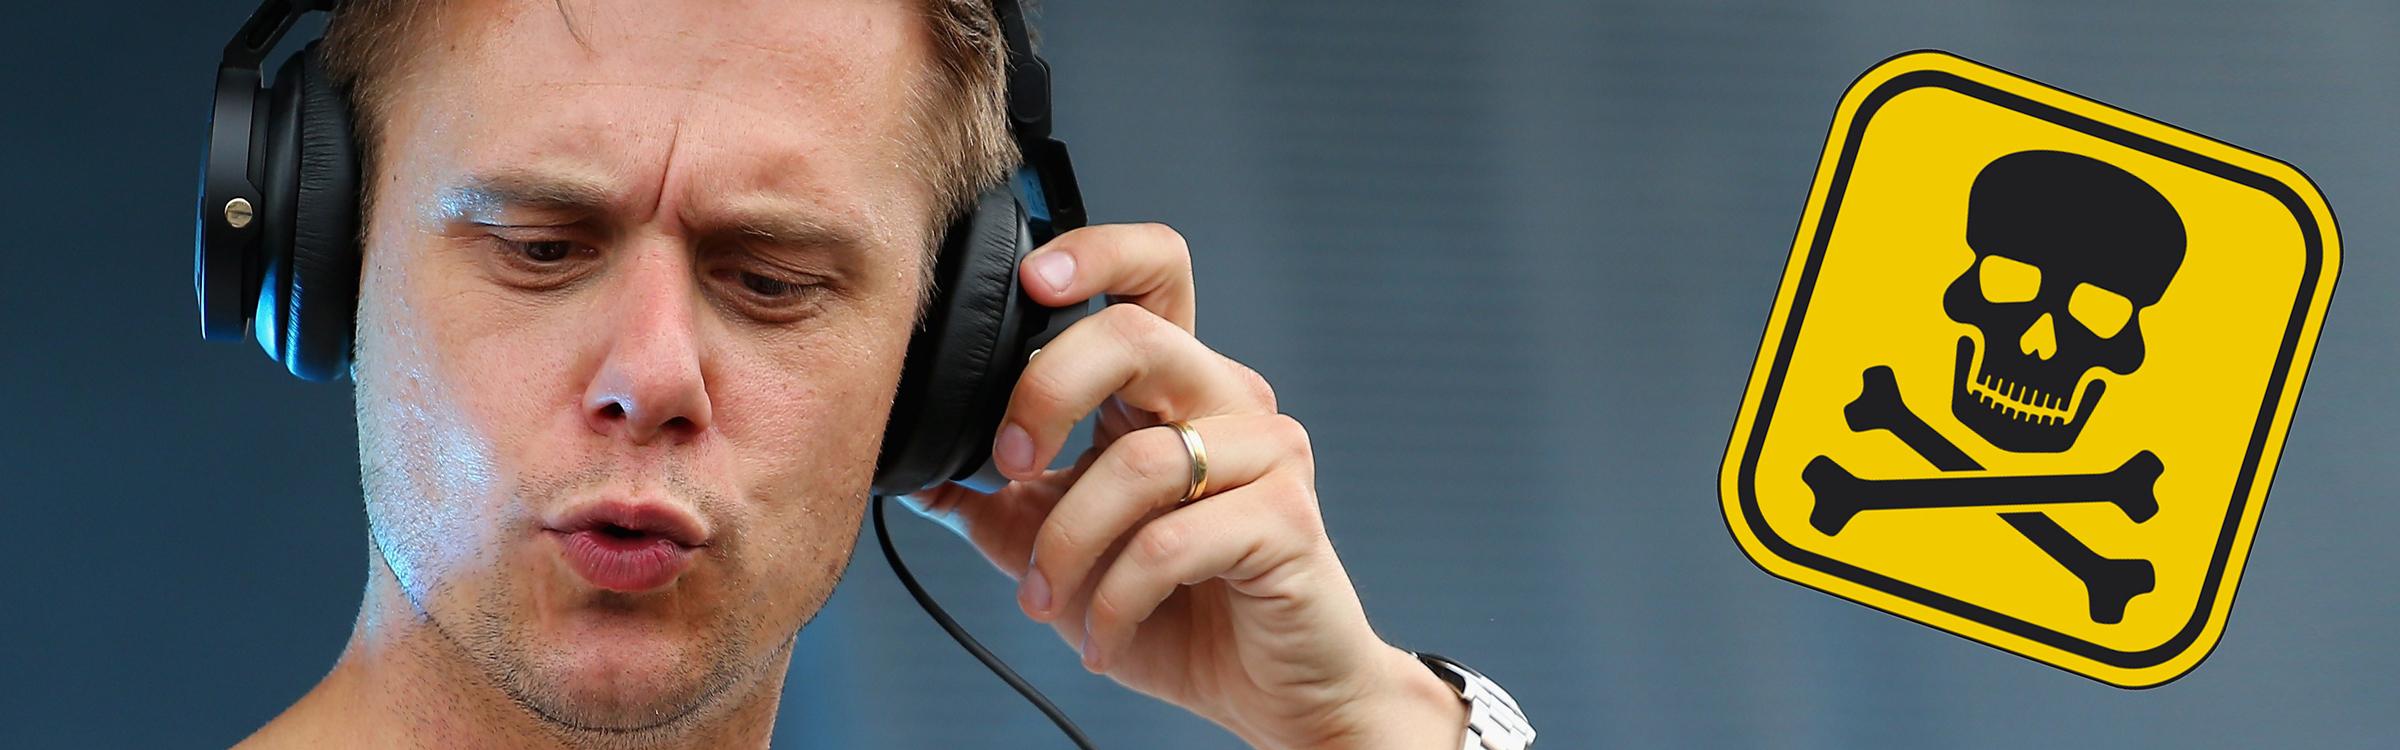 Armin 02